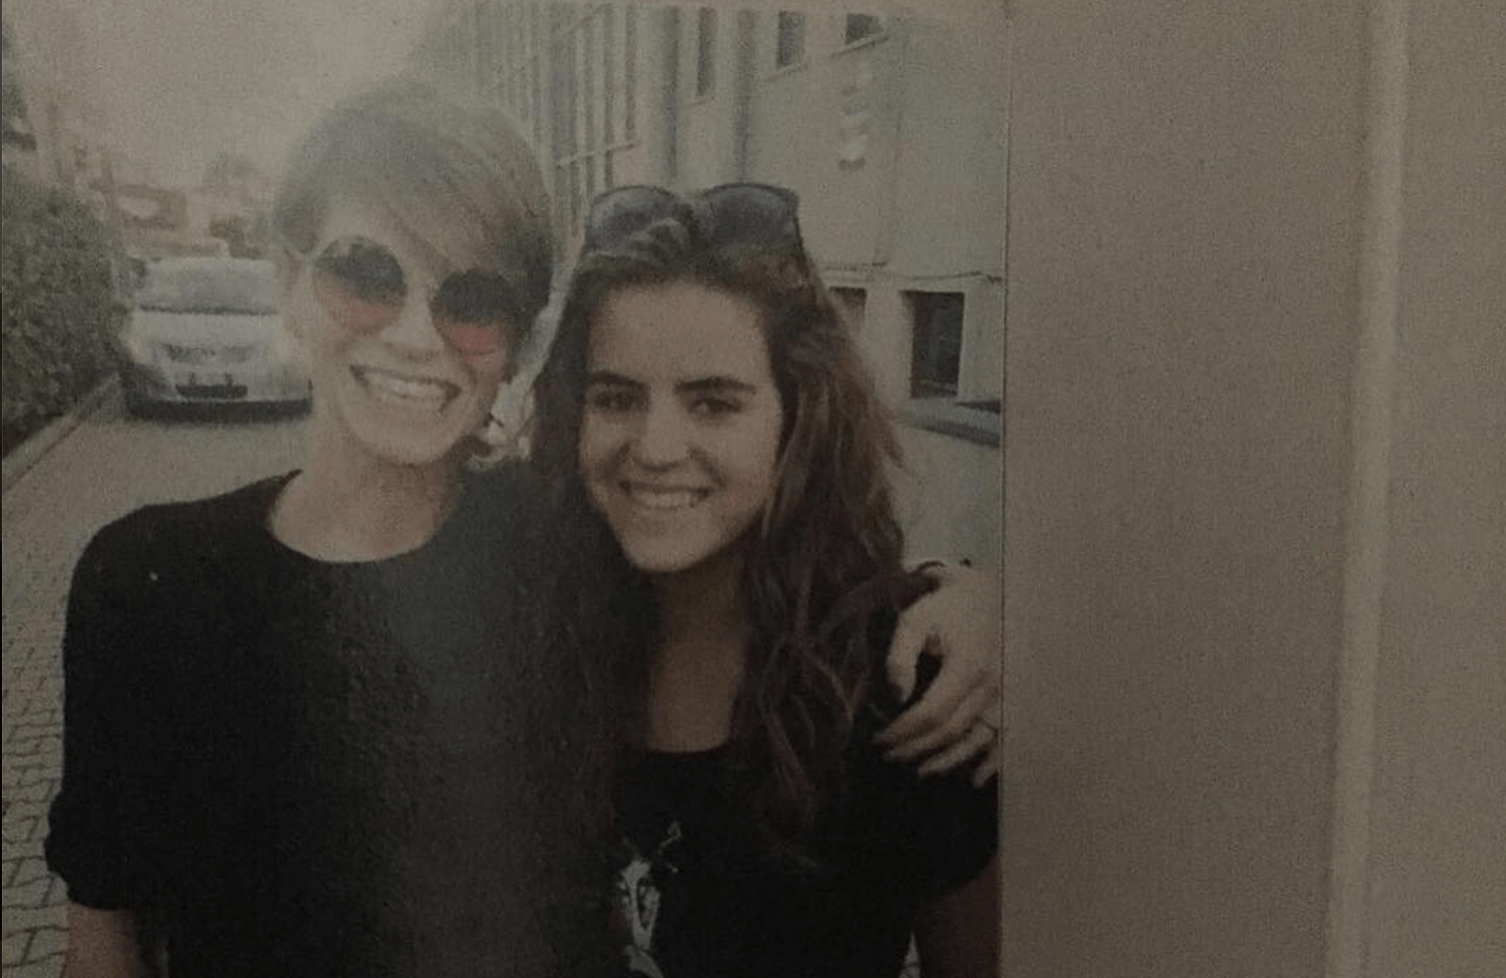 Alessandra Amoroso in lutto per la scomparsa di una fan: 'Provo dolore perché non ci sei più'